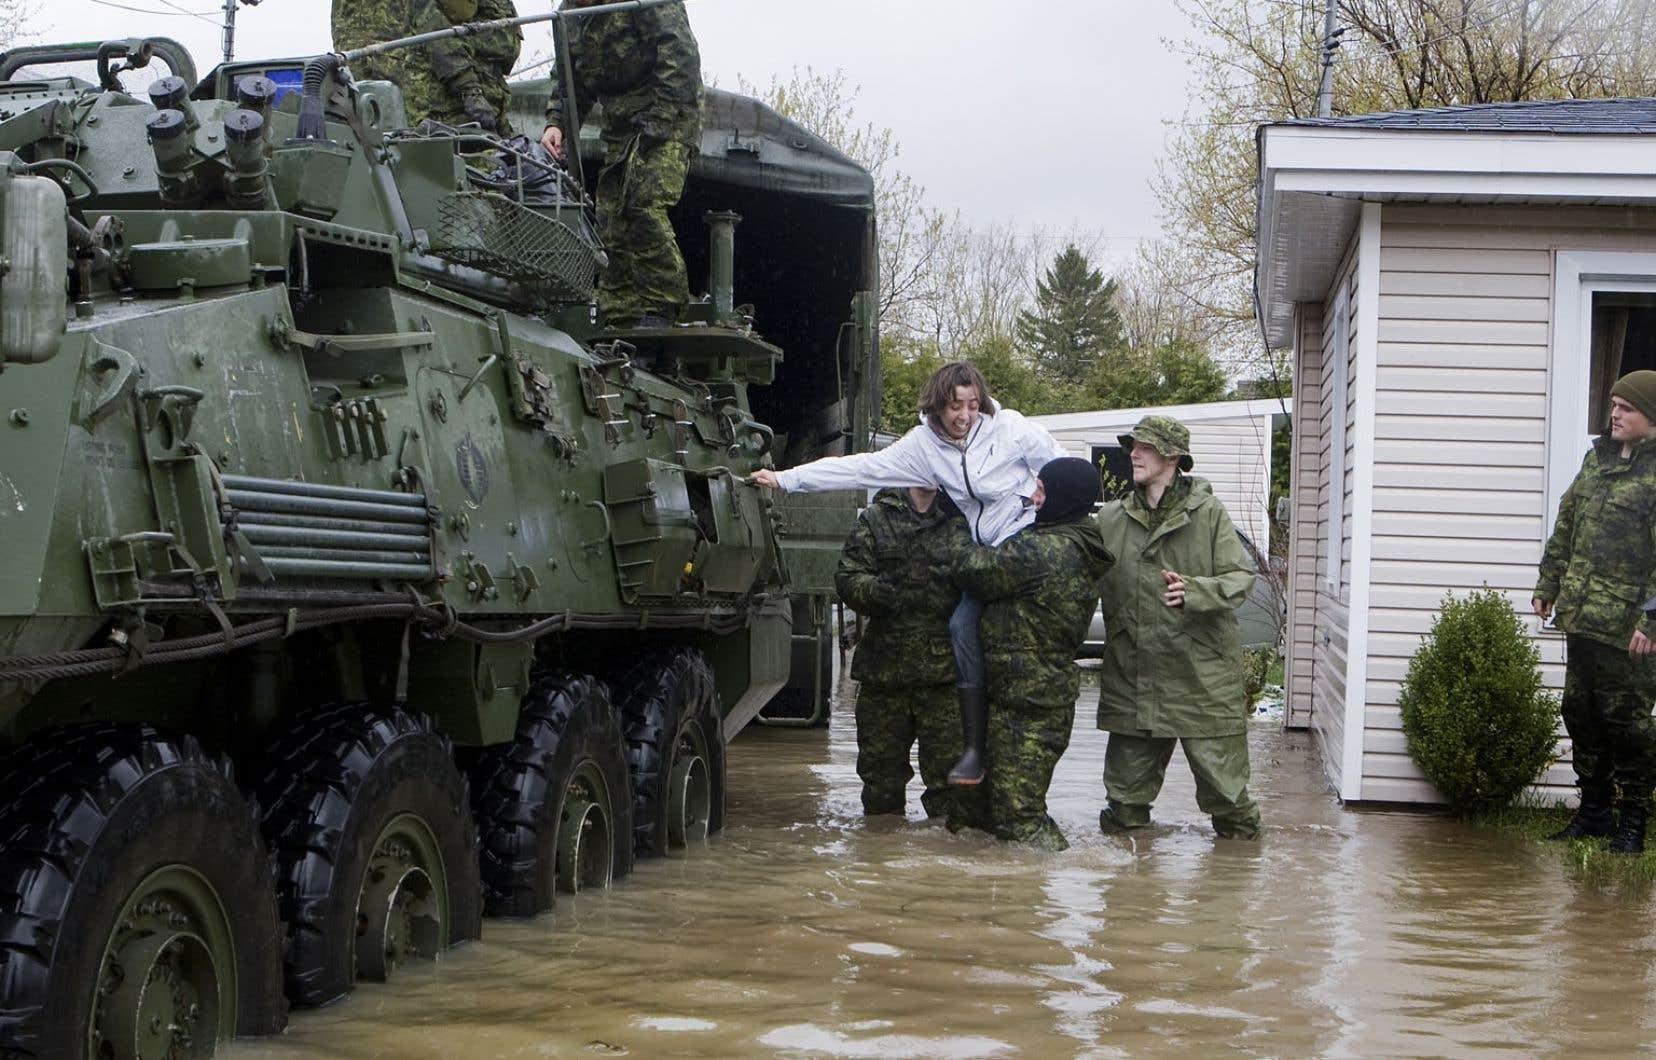 En 2011, le niveau du lac Champlain avait grimpé de 31 mètres, faisant déborder la rivière Richelieu. L'armée canadienne avait prêté main-forte aux résidants des zones inondées.